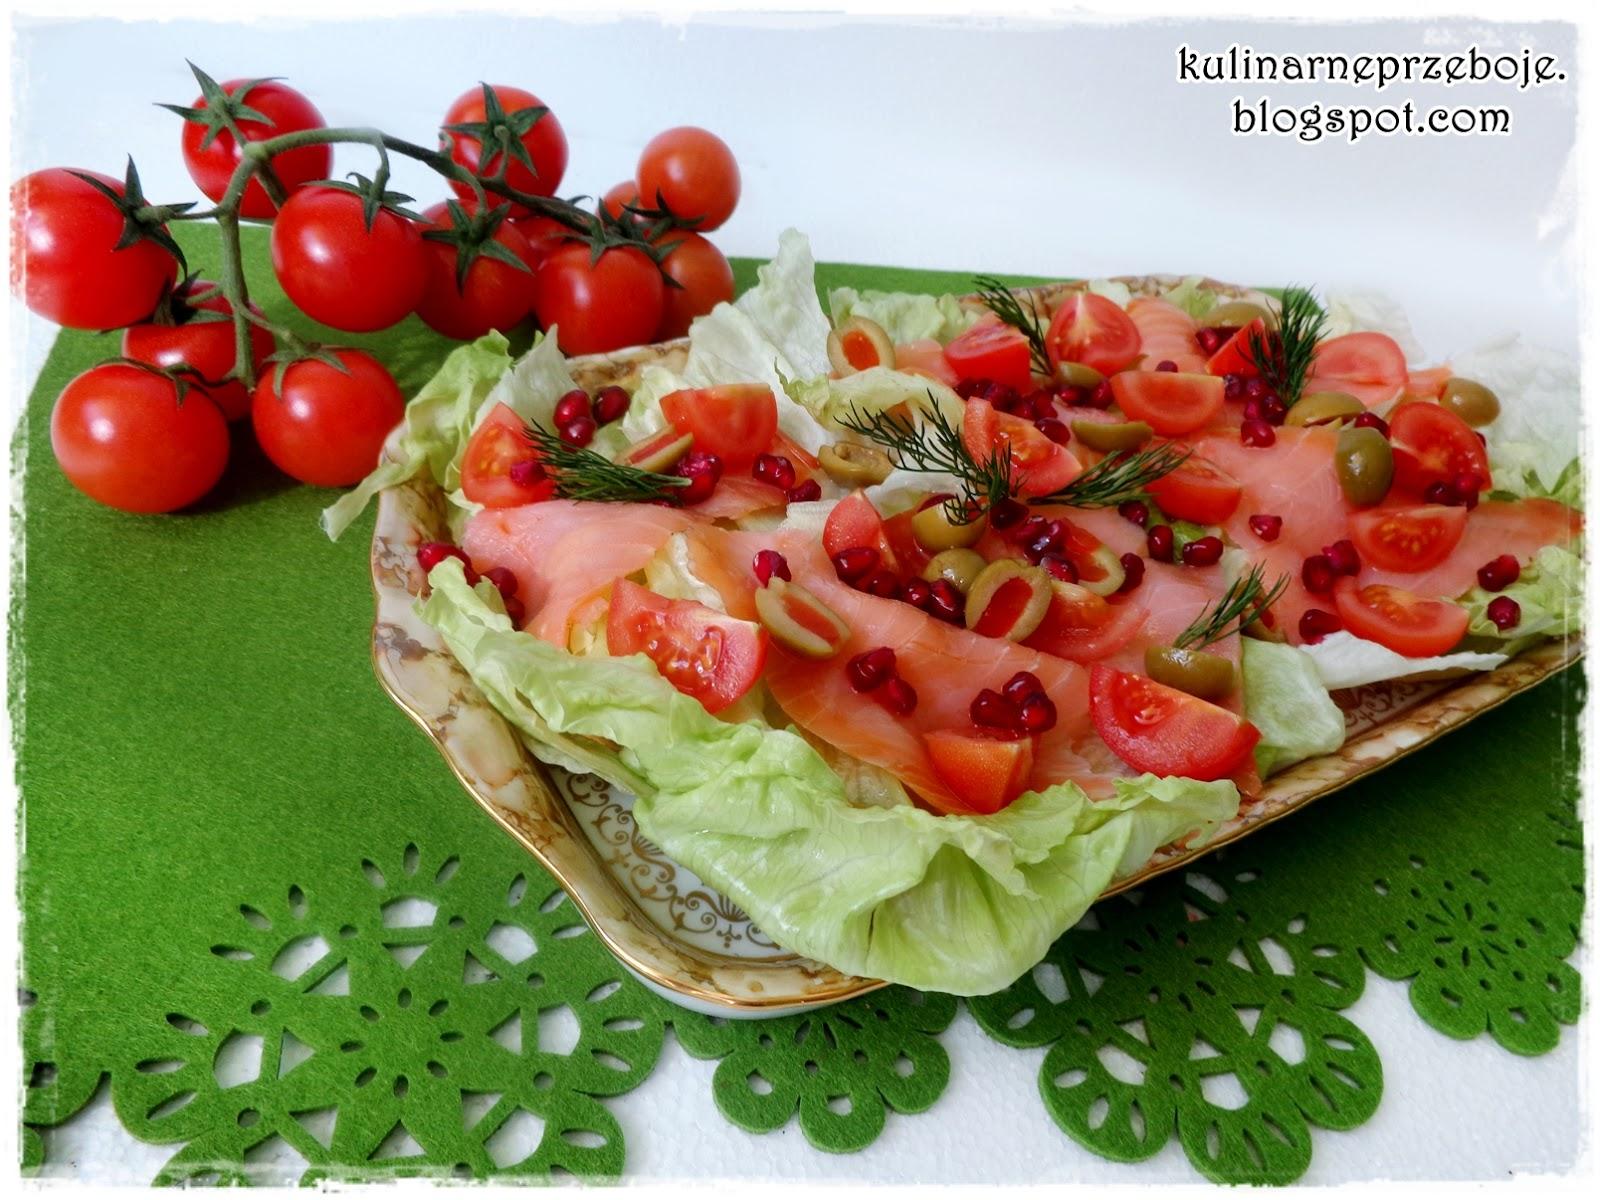 Sałatka z wędzonym łososiem, granatem, oliwkami i pomidorami